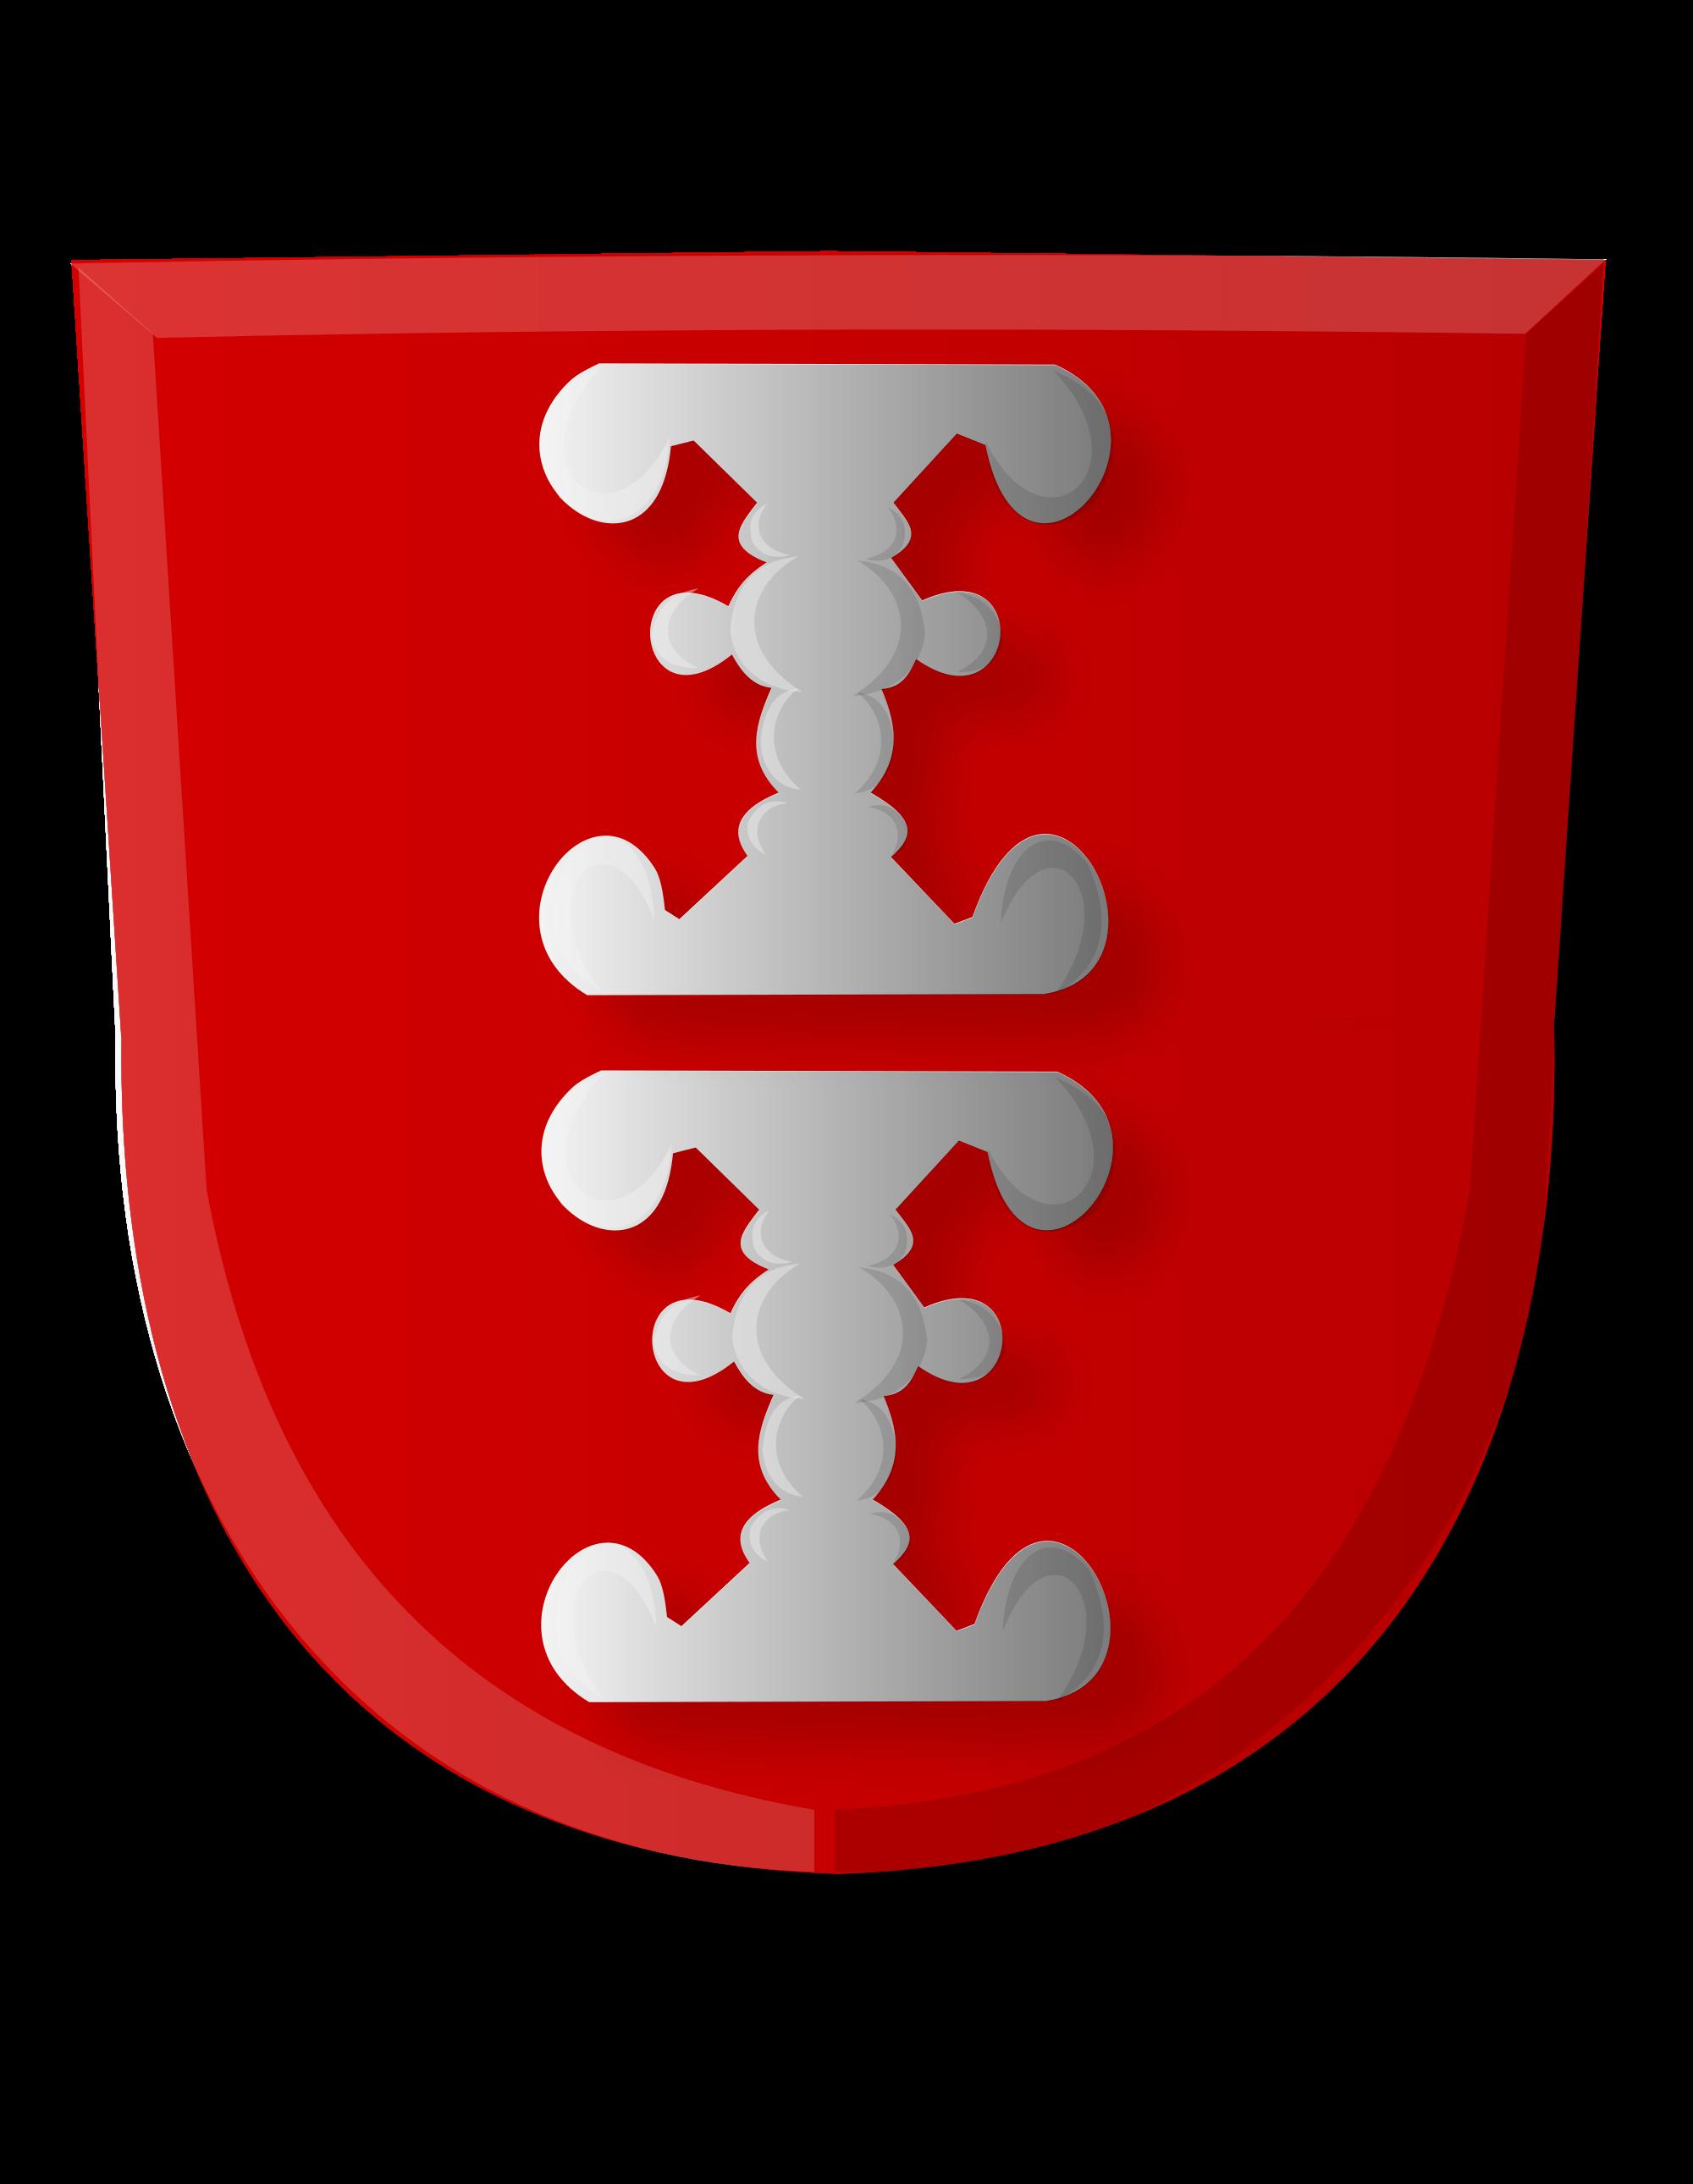 File:Wappen Anholt.svg.